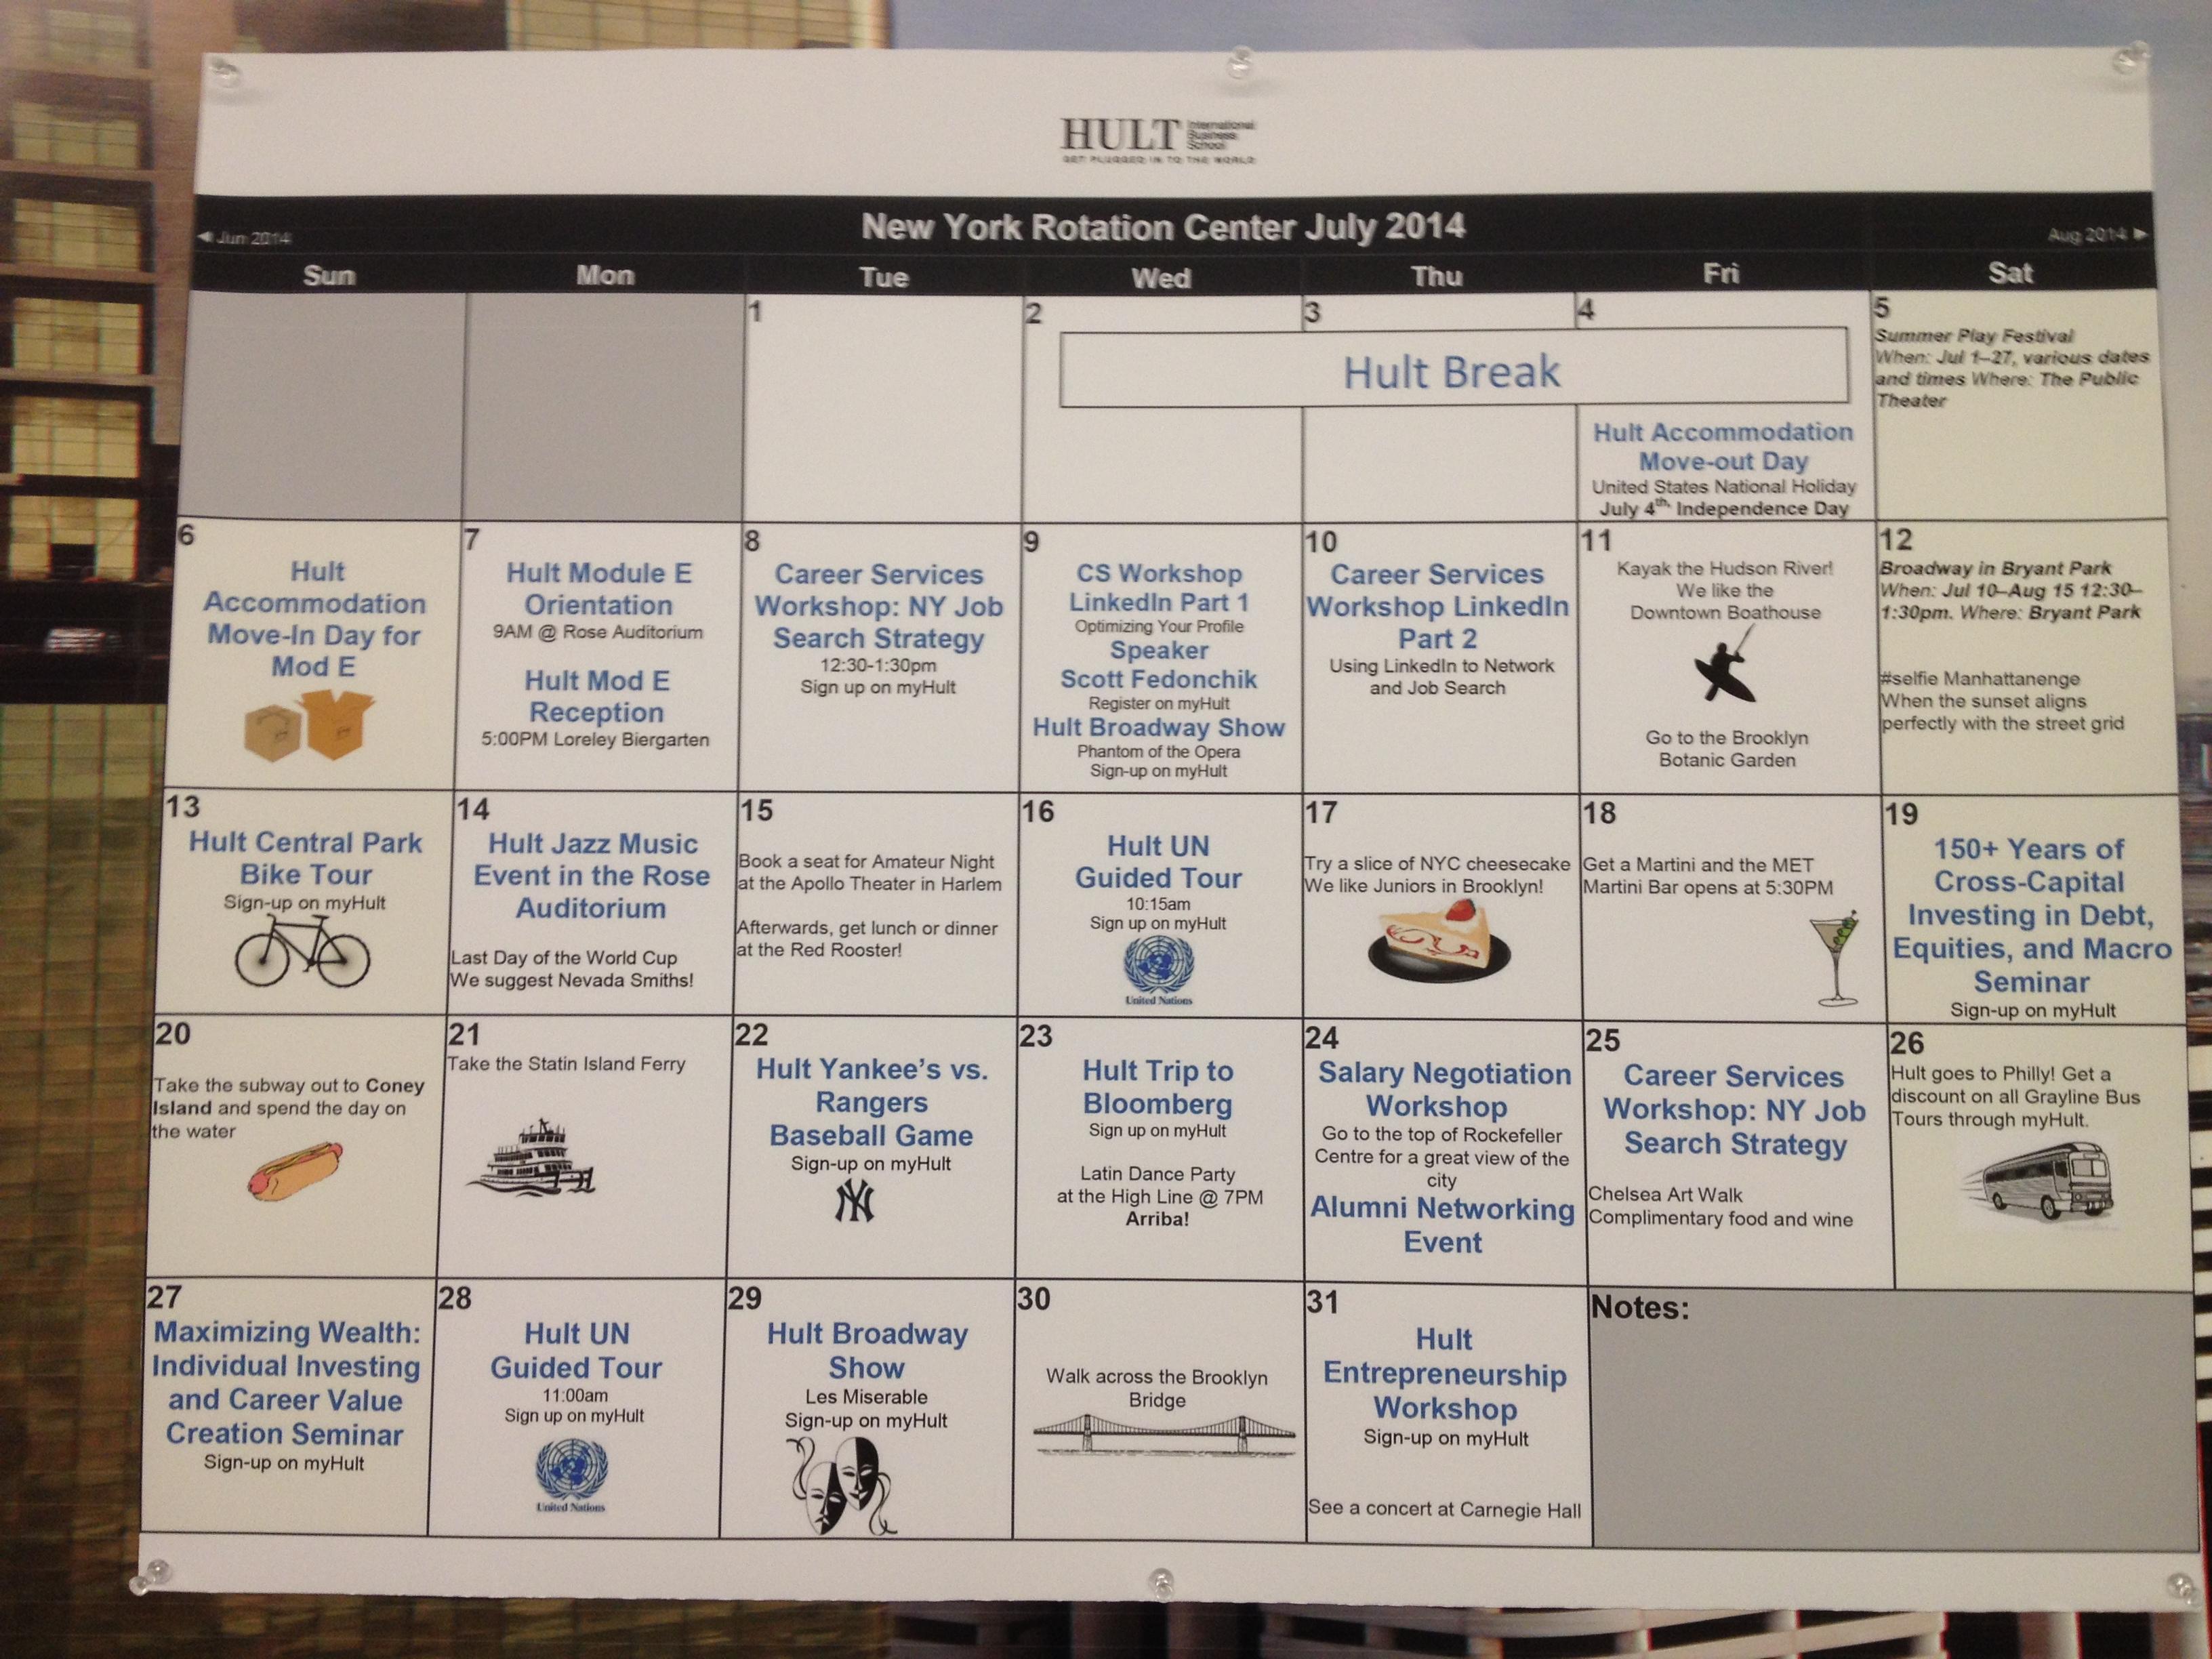 Hultニューヨーク・イベントカレンダー(3)